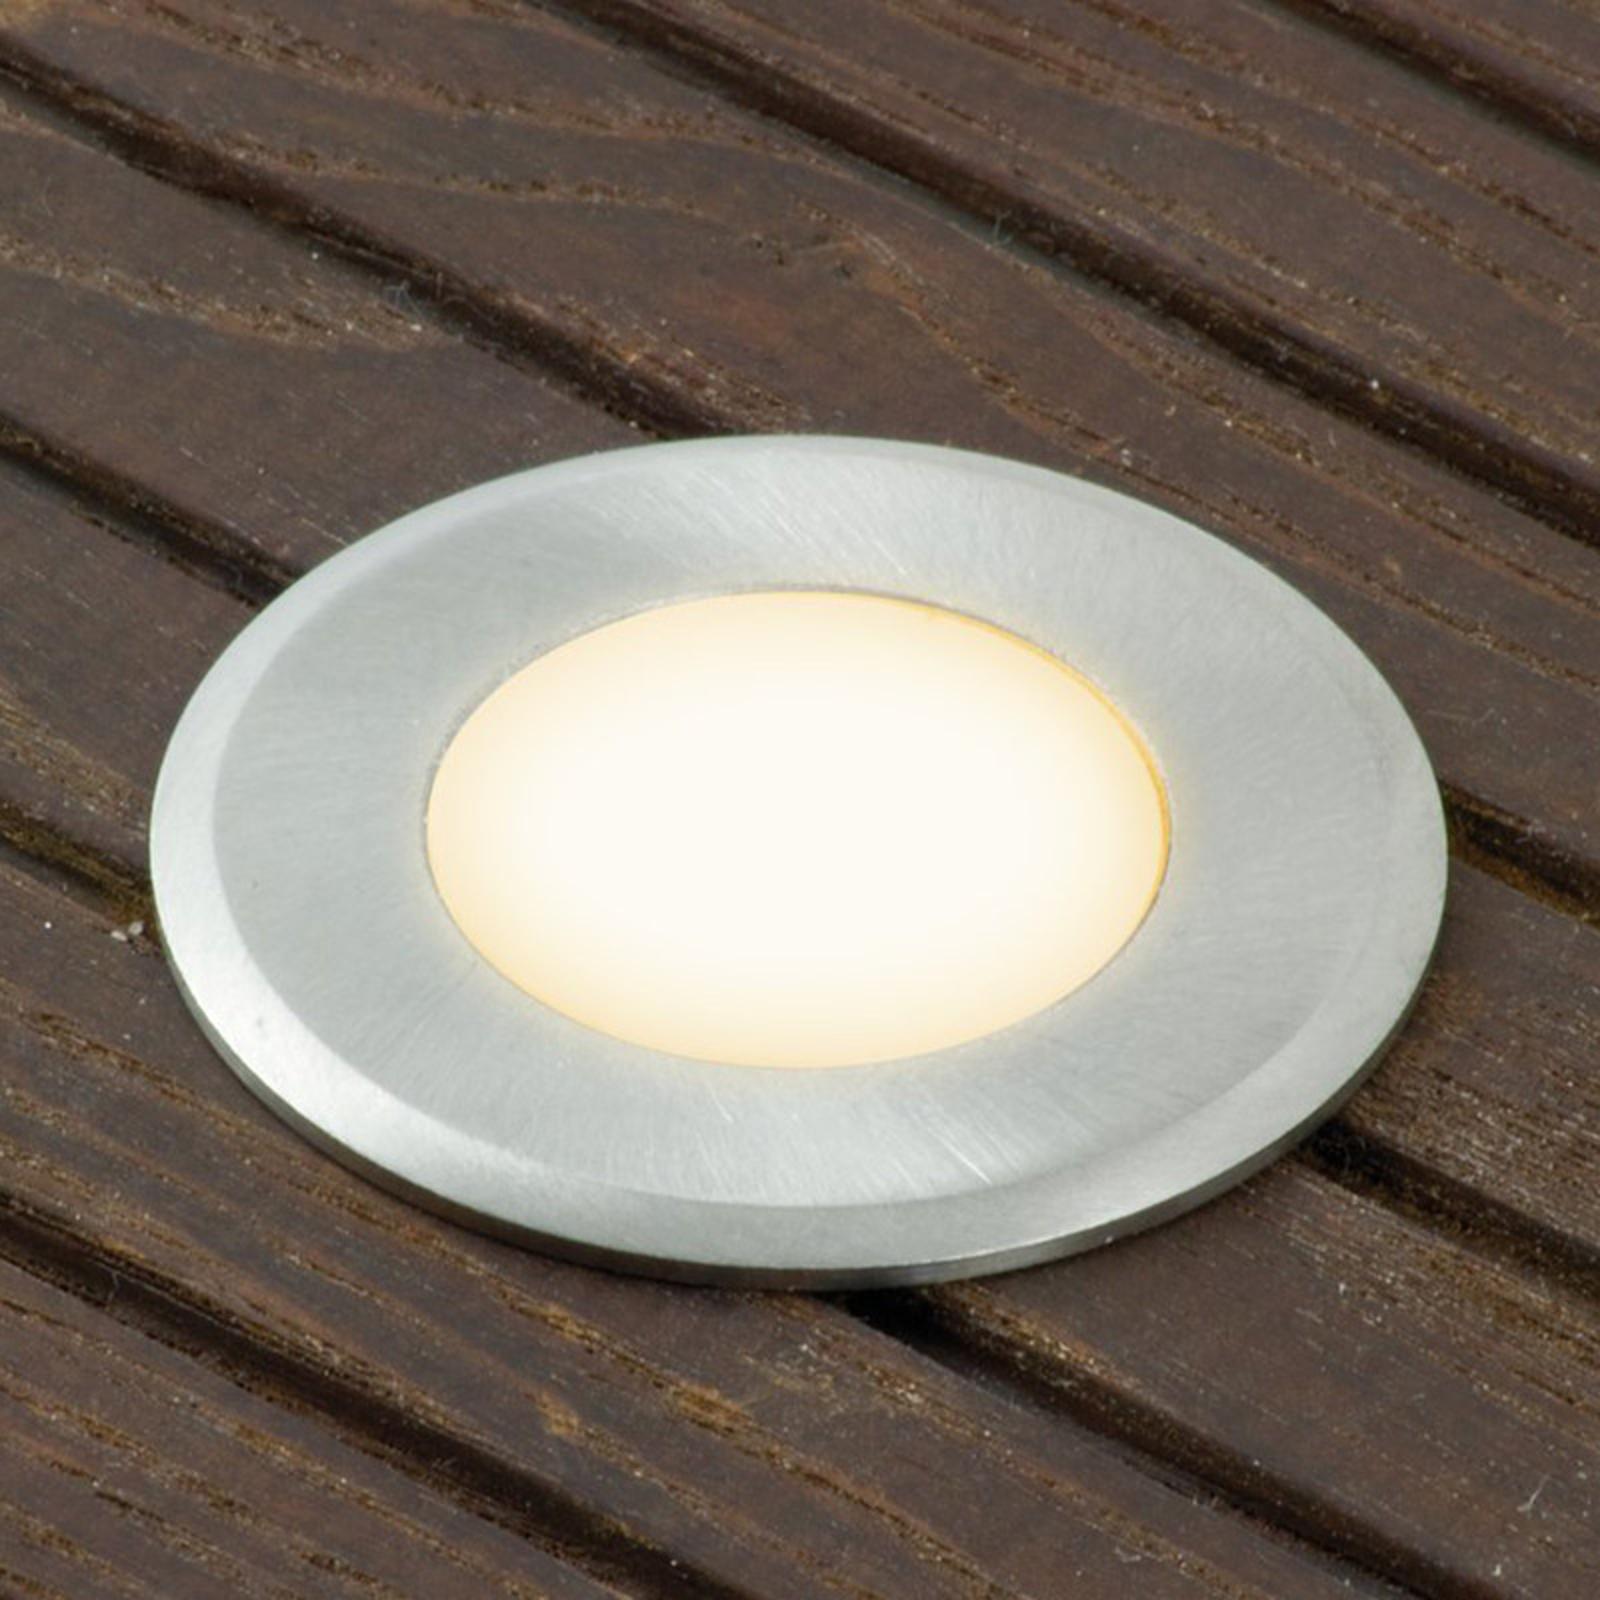 Extra LED spot Nürnberg 4 rond, 0,3 m snoer